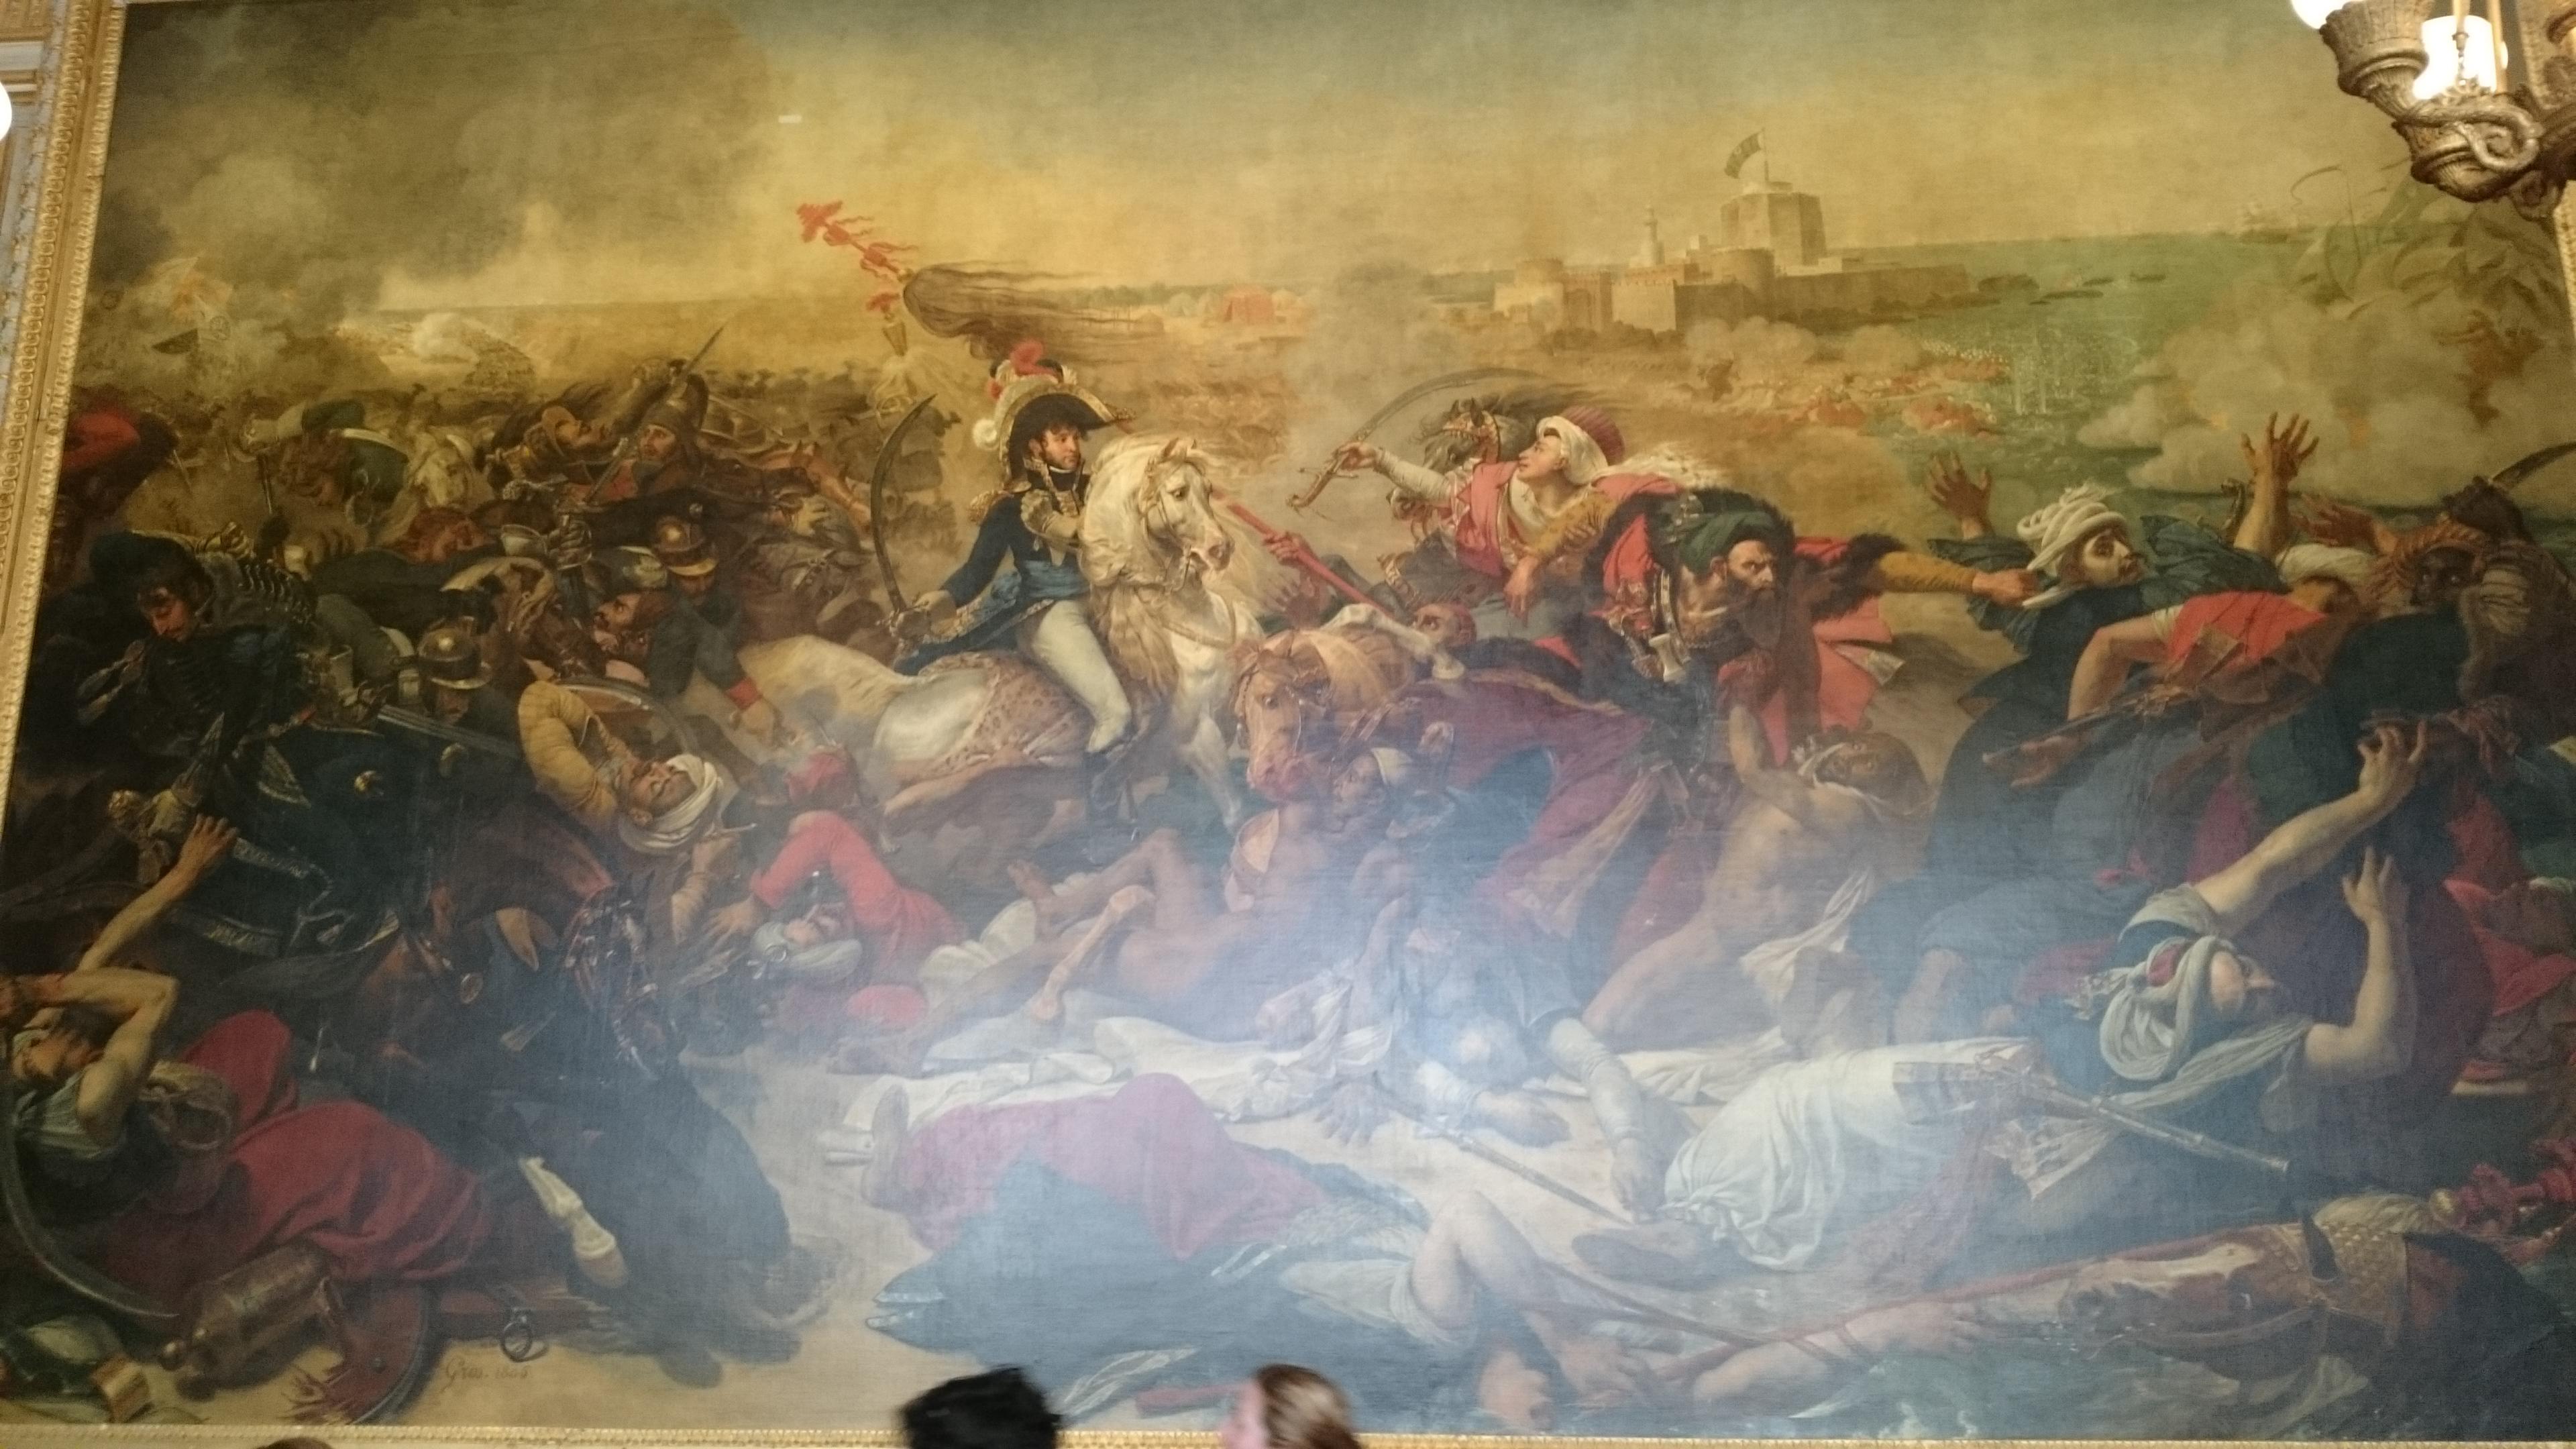 dsc 14061 - Visita al Palacio de Versalles: Como ir, cuanto cuesta y tips III/III